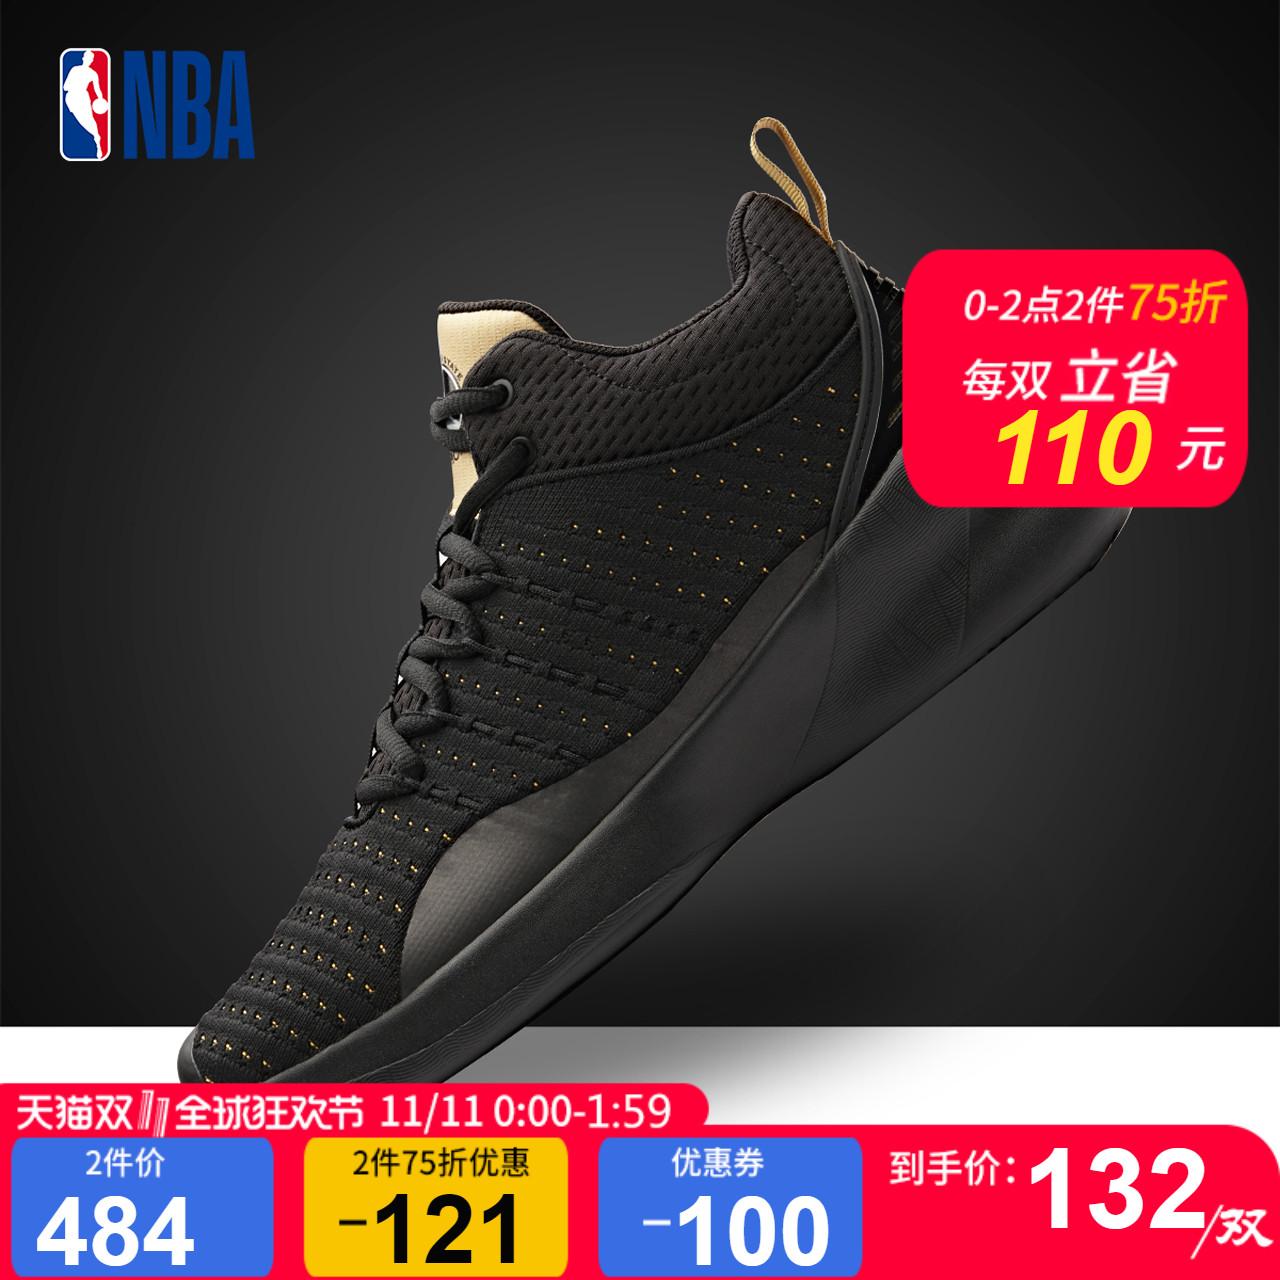 NBA篮球鞋男鞋2018新款球鞋男汤普森球星勇士高帮战靴官方正品文化鞋